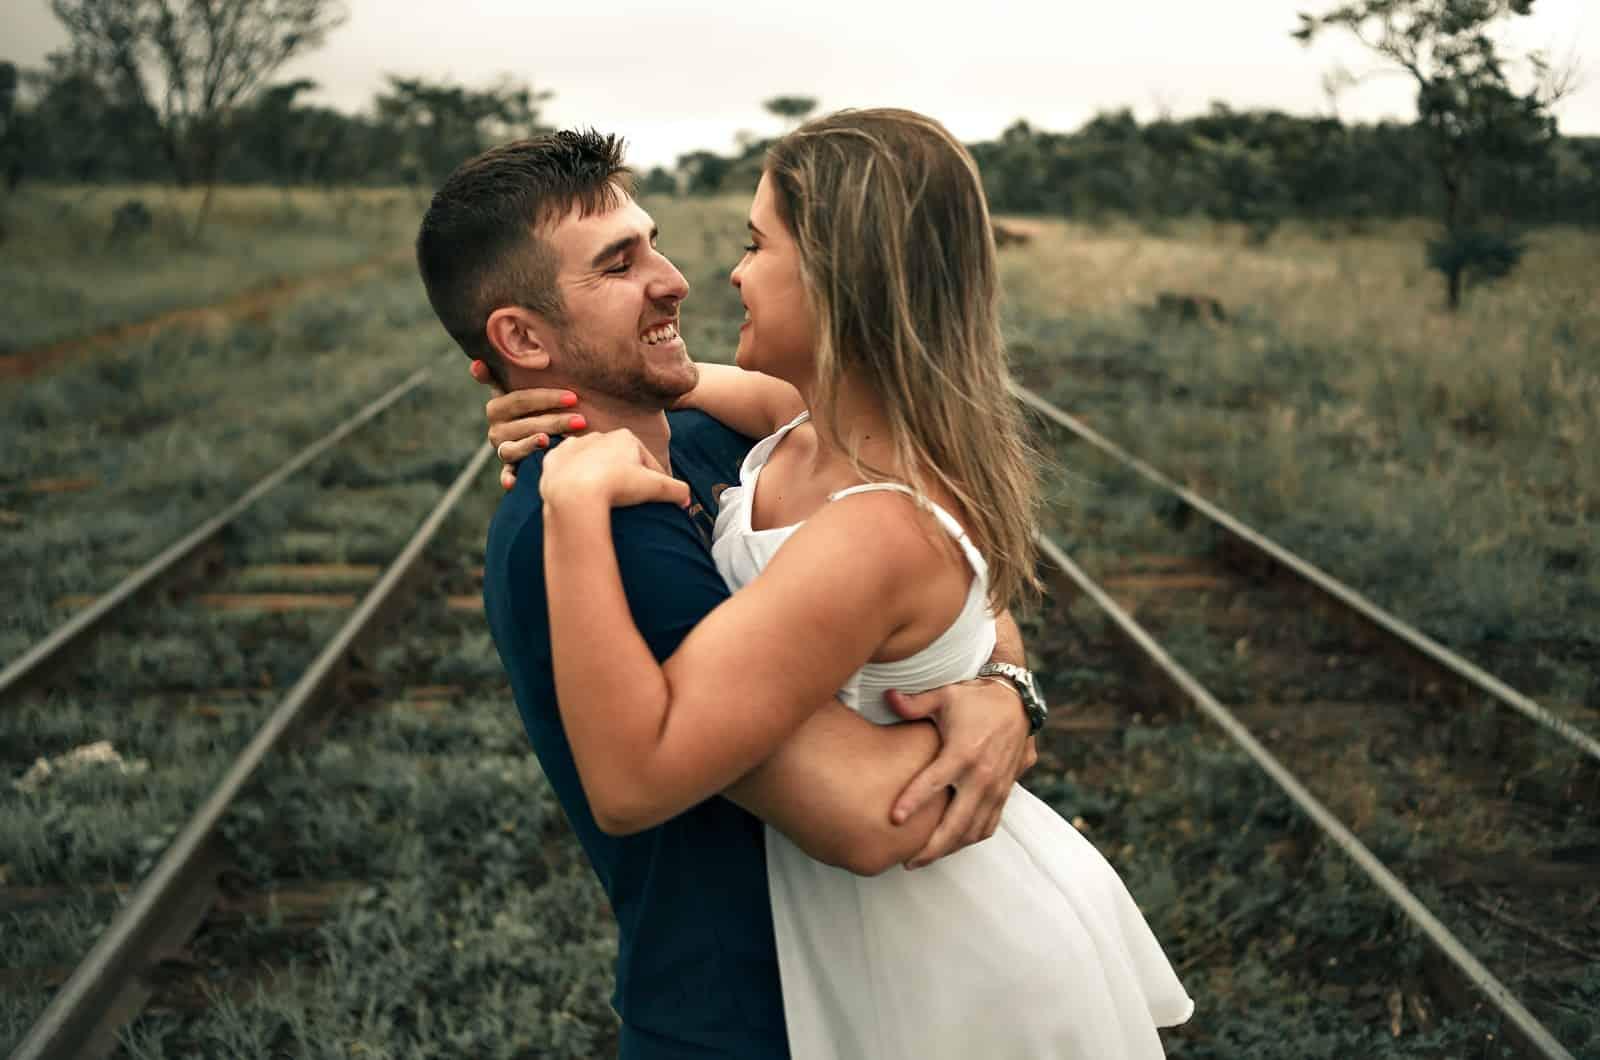 Mann und Frau posieren auf Bahngleisen